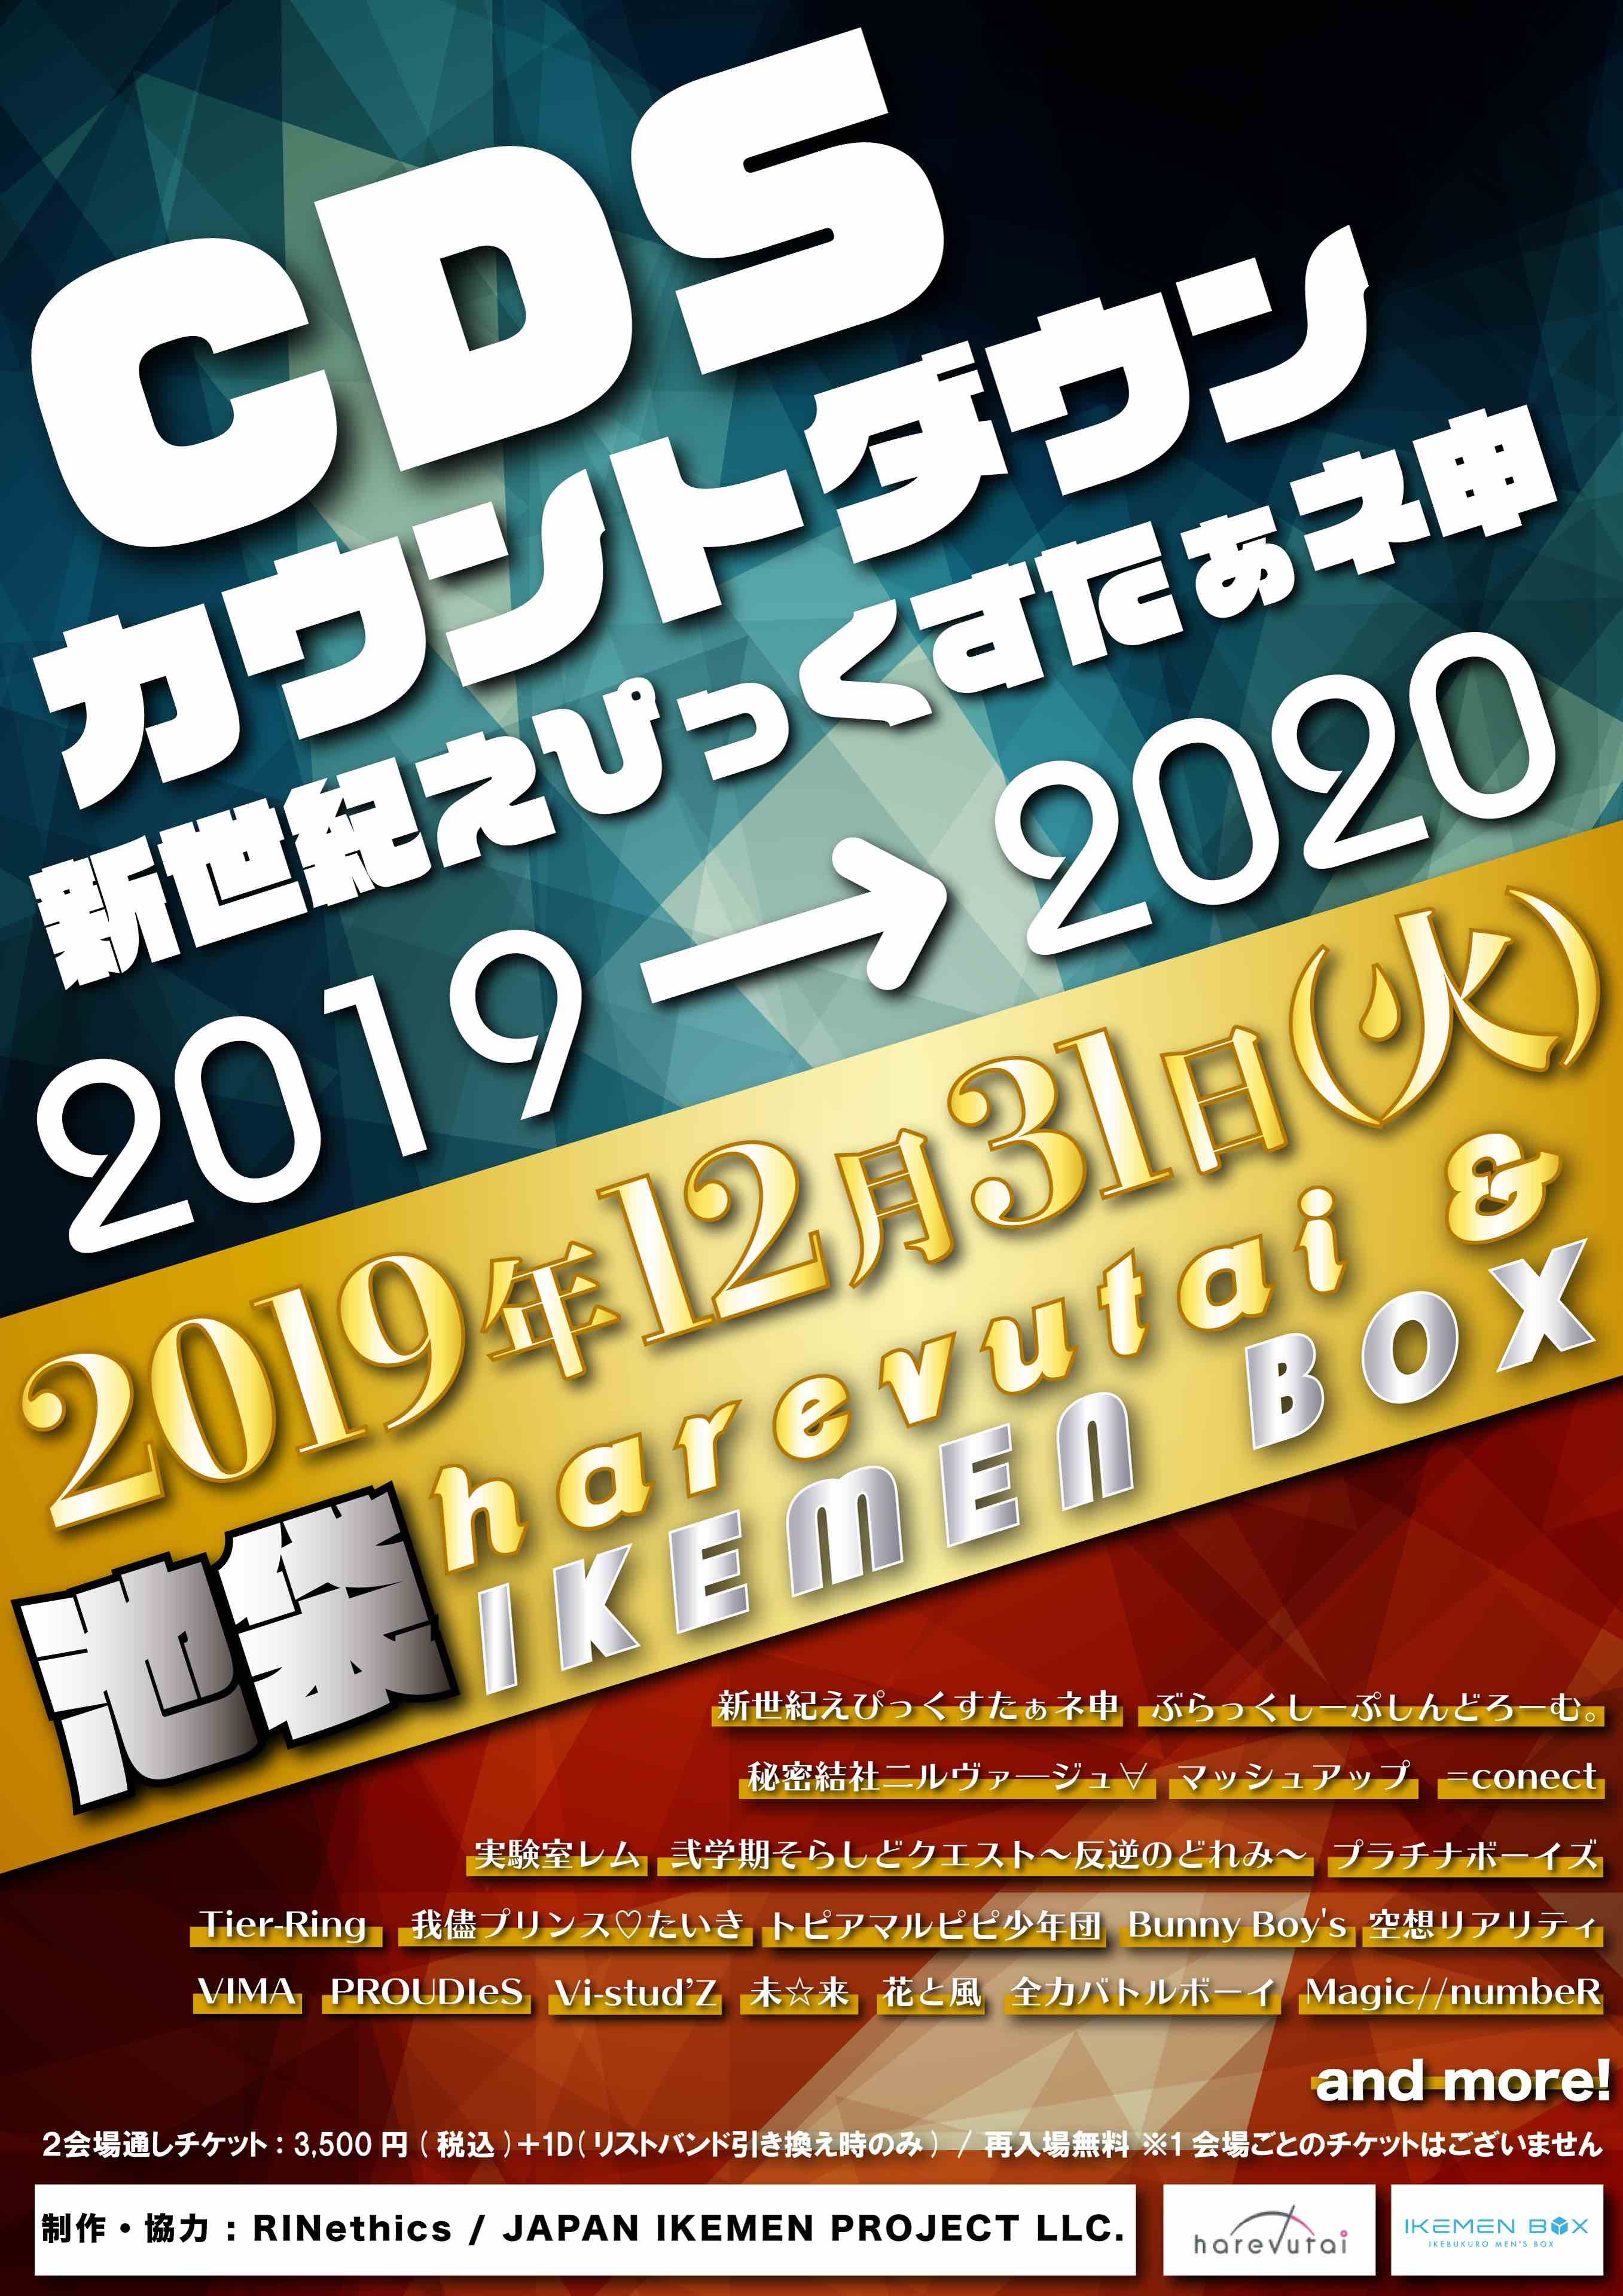 CDS カウントダウン新世紀えぴっくすたぁネ申 2019-2020